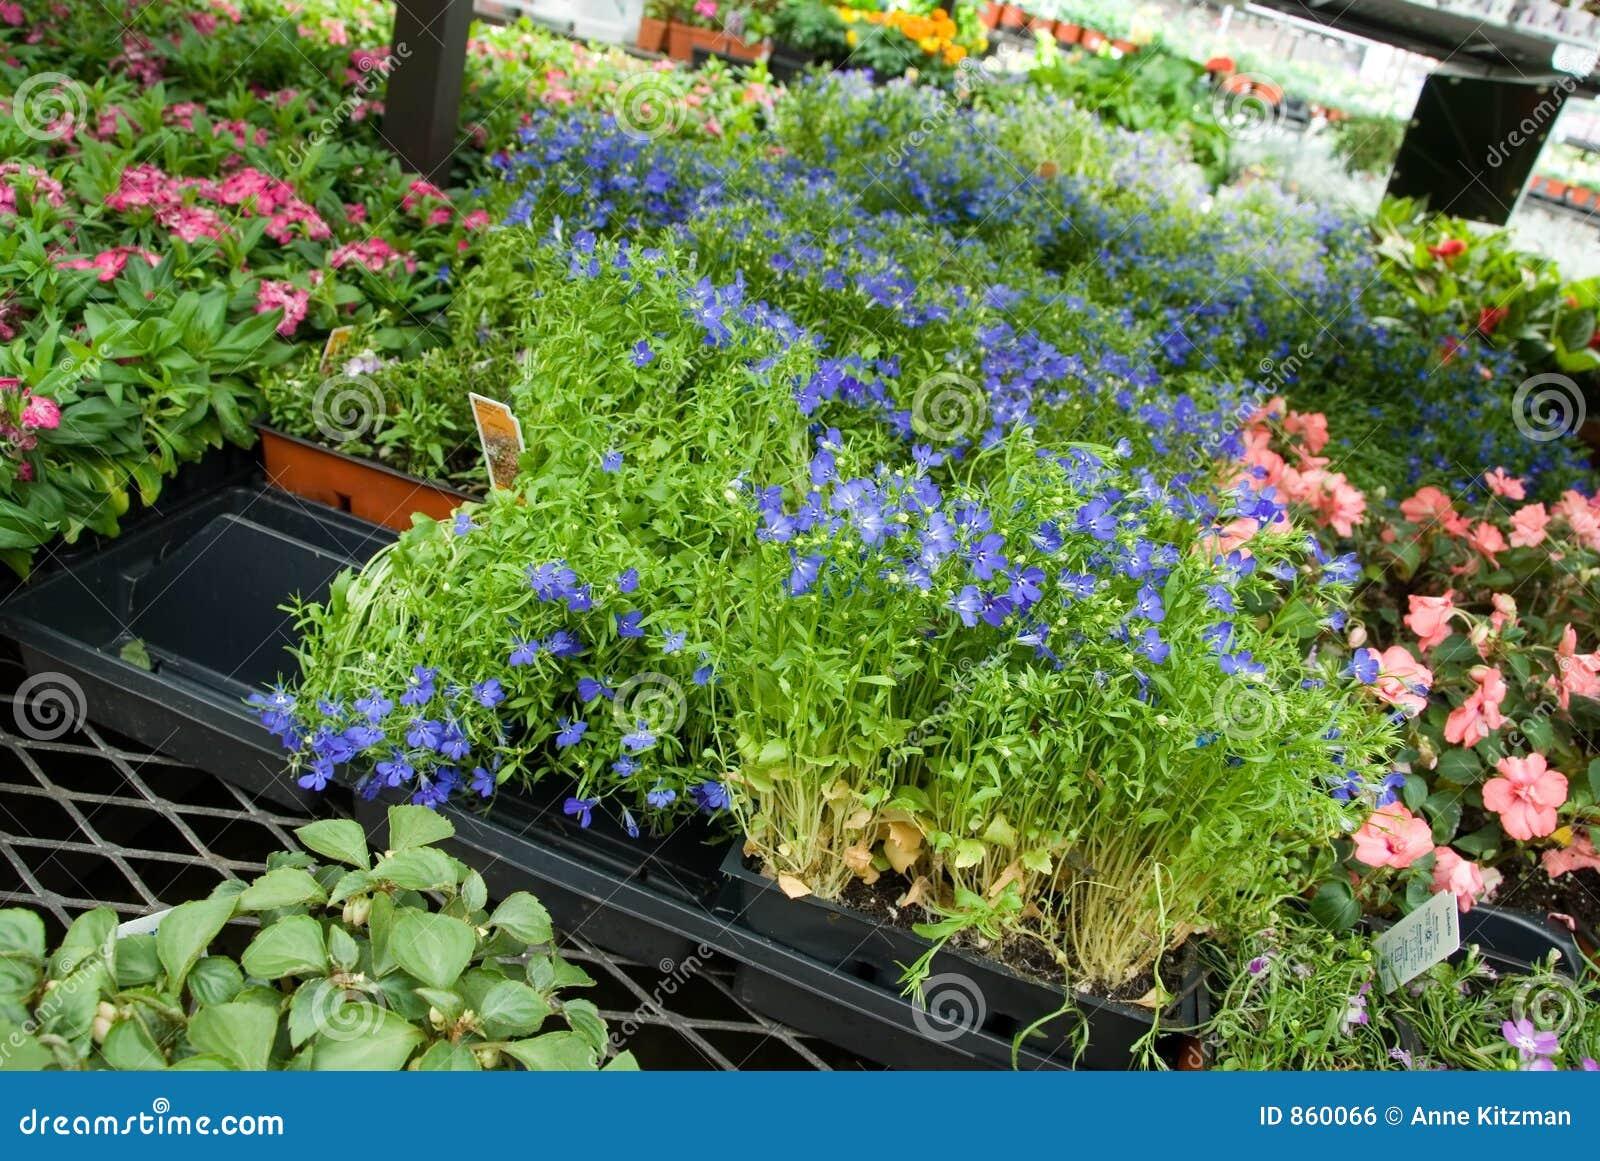 αγορά κήπων κεντρικών λουλουδιών